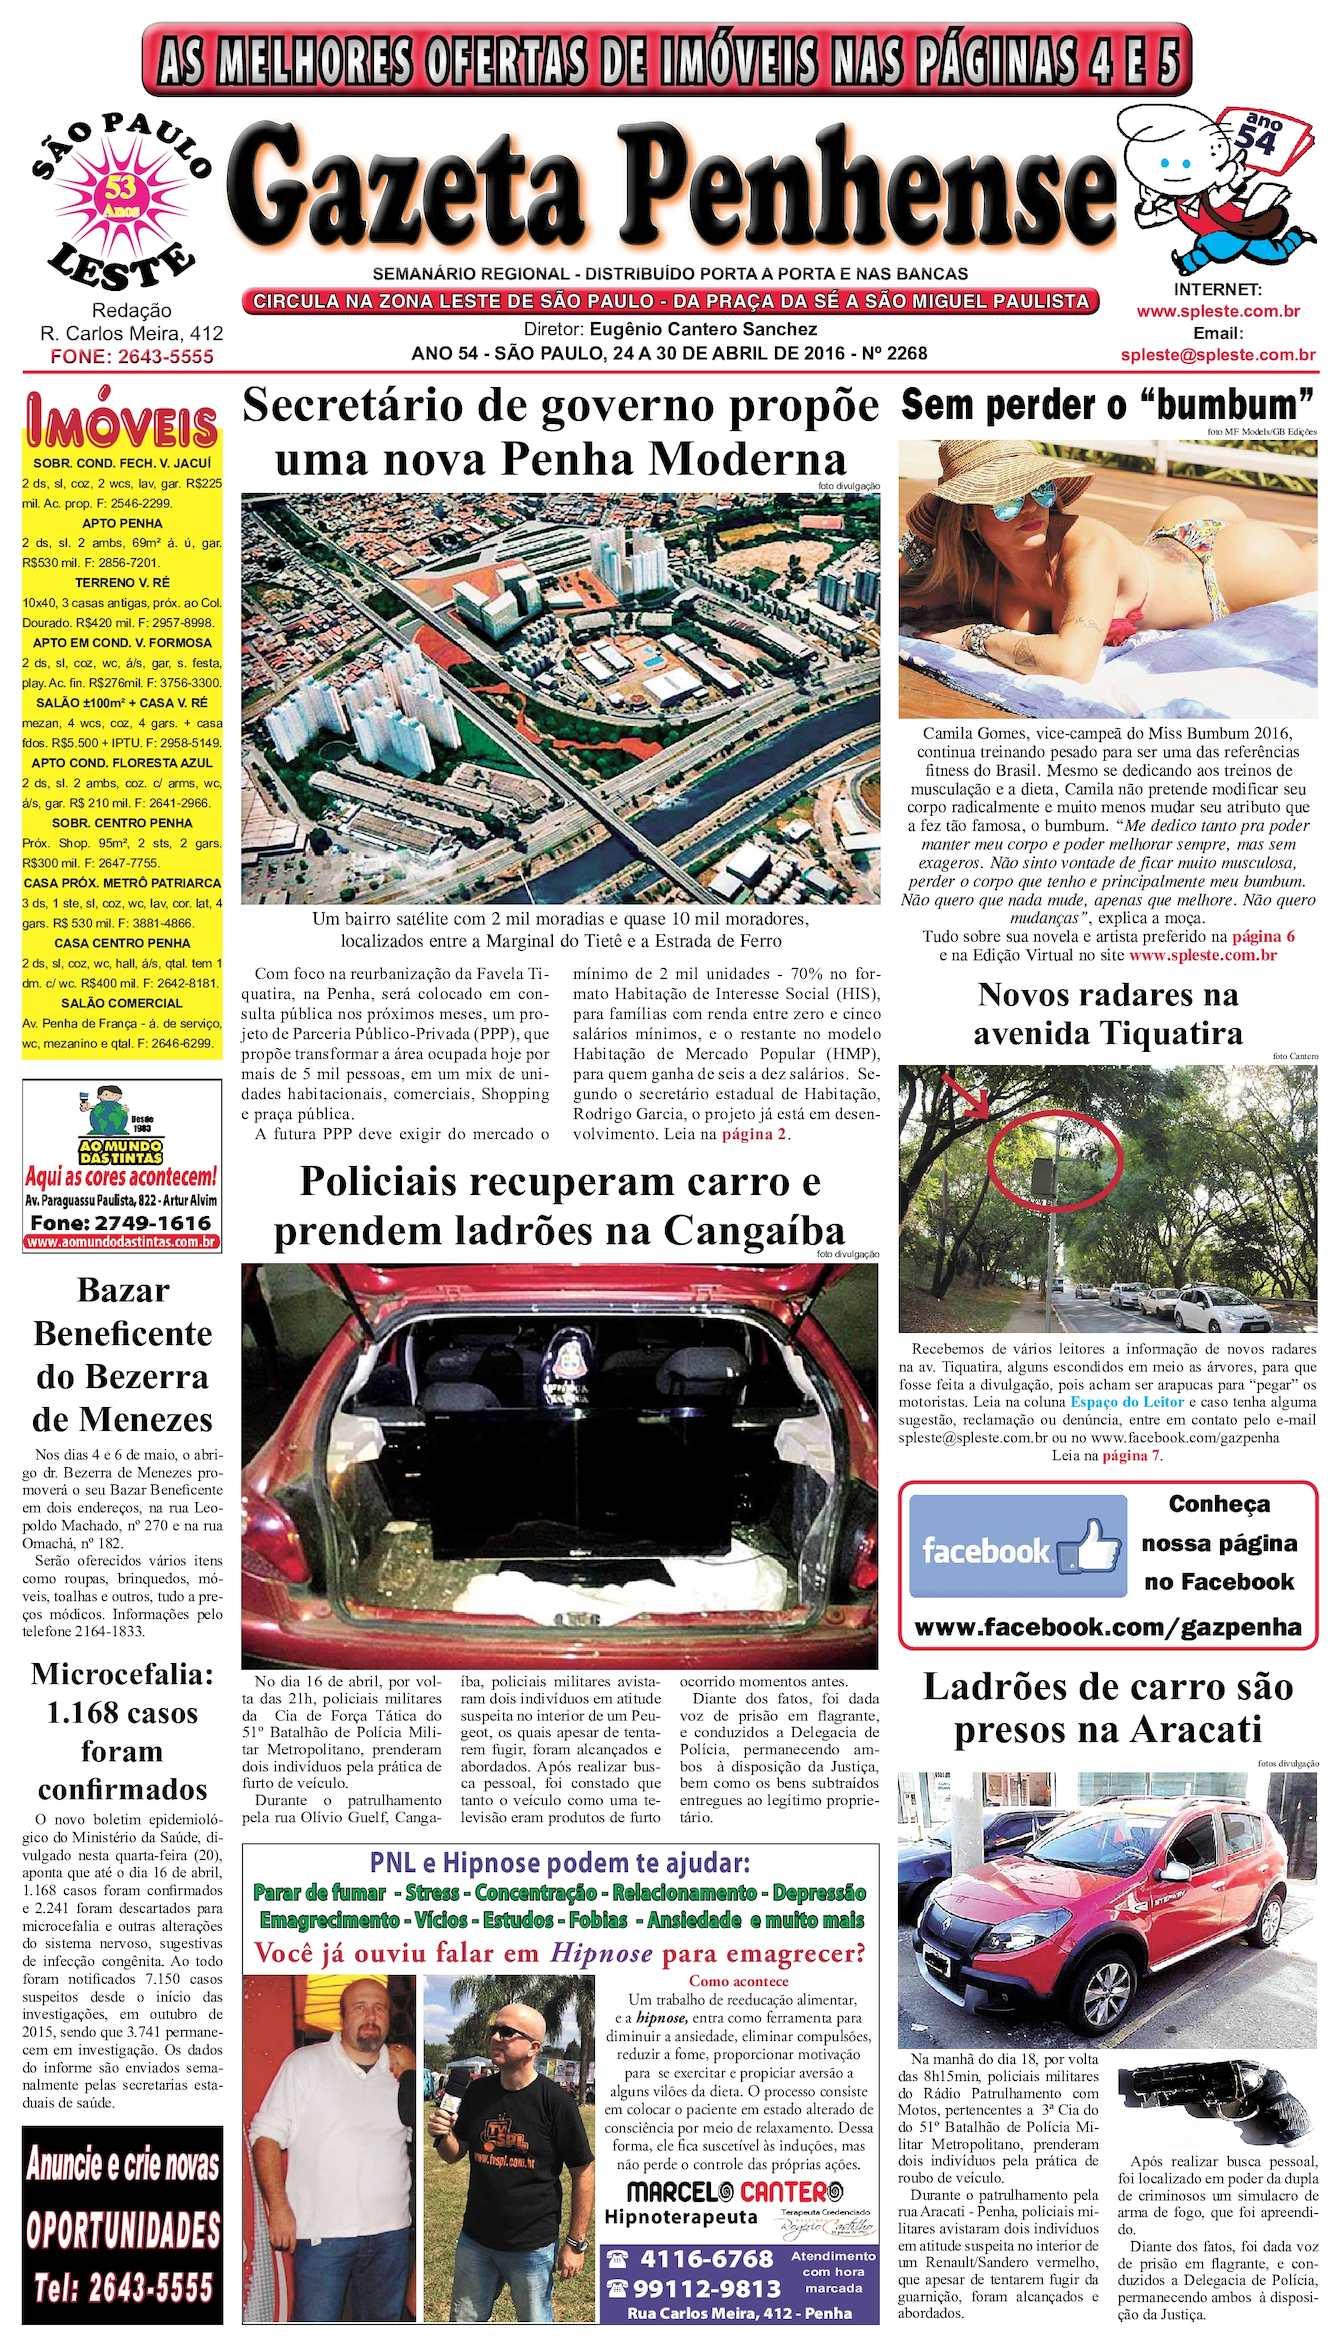 63578b8b75 Calaméo - Gazeta Penhense - edição 2268 - 24 a 30.04.16